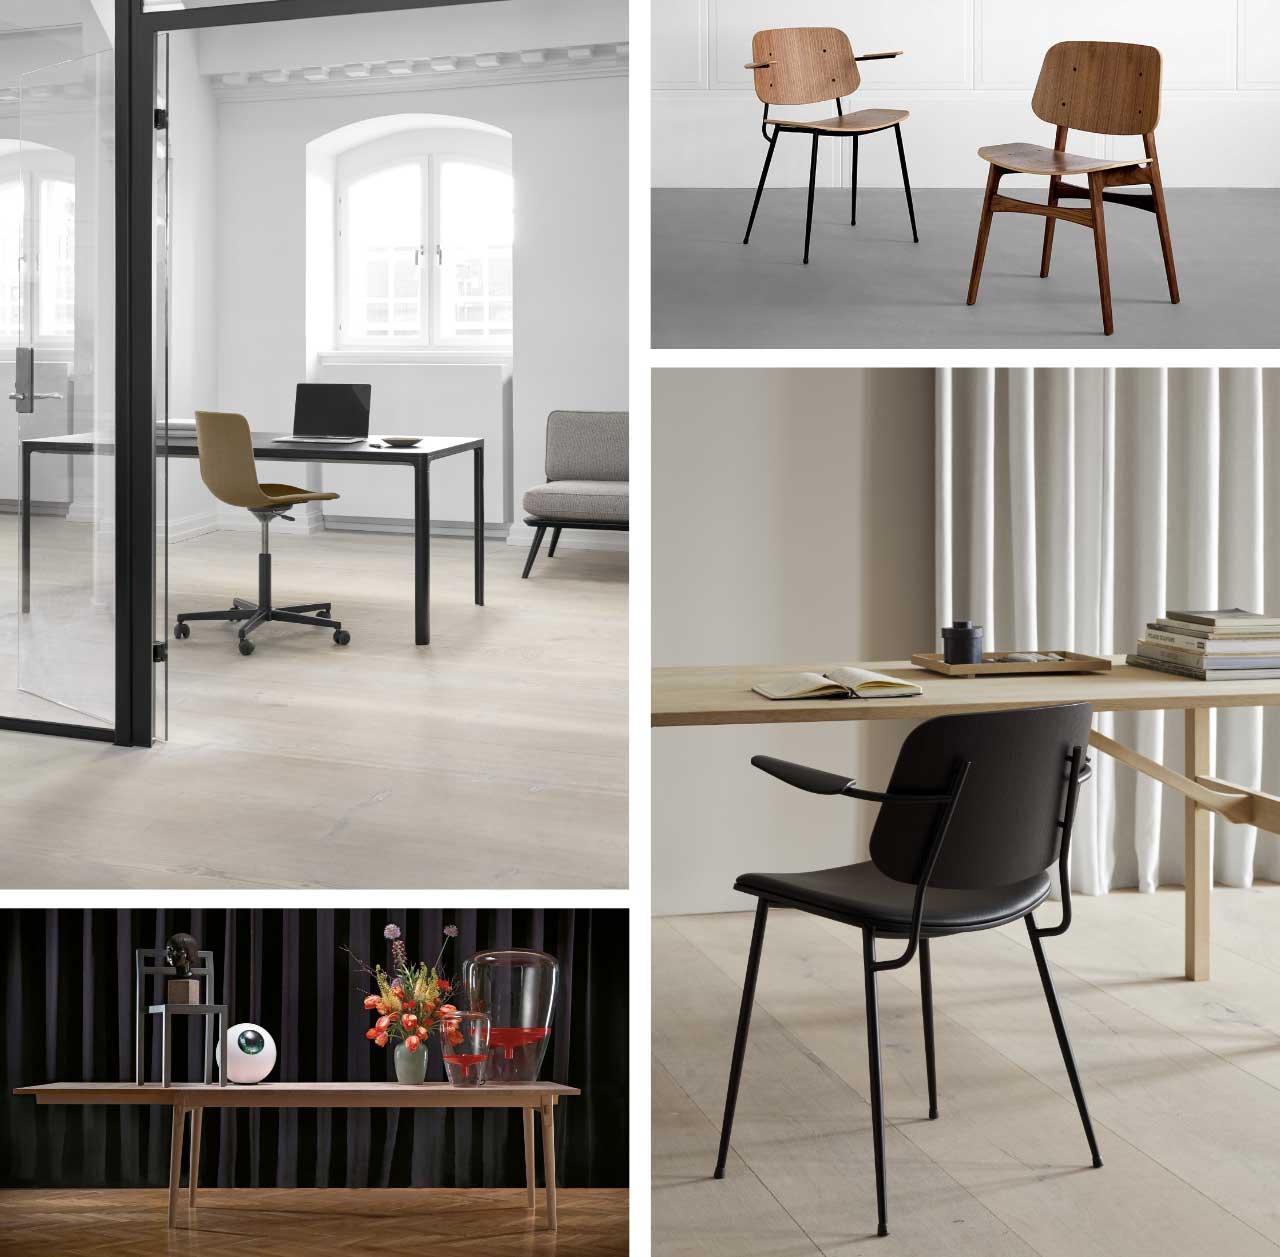 自己成長の先にある未来へ。なりたい自分をデザインしていく家具。